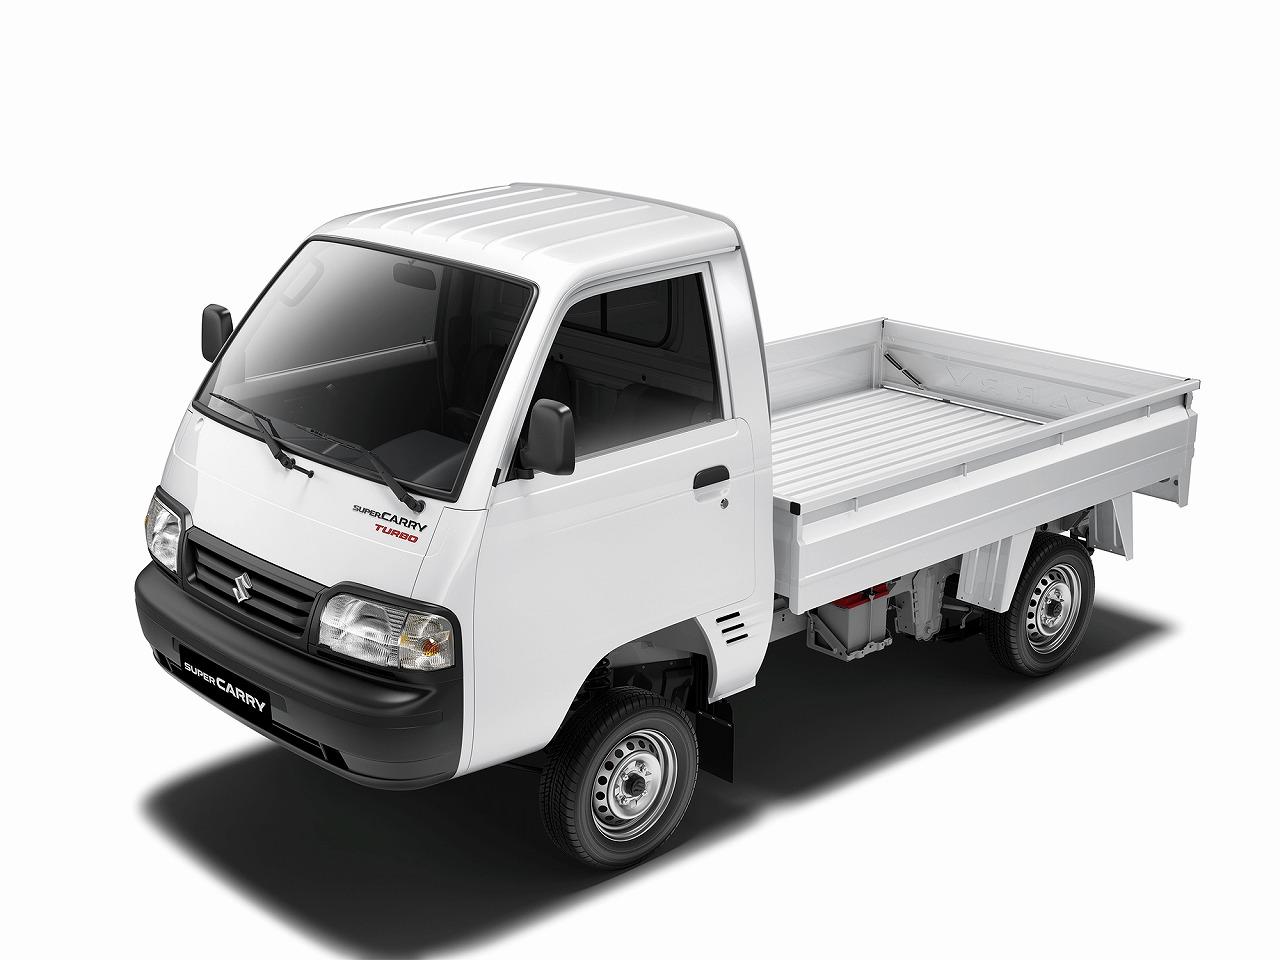 スズキ、インドの小型商用車セグメントに初参入 小型トラック「スーパーキャリイ」を発売